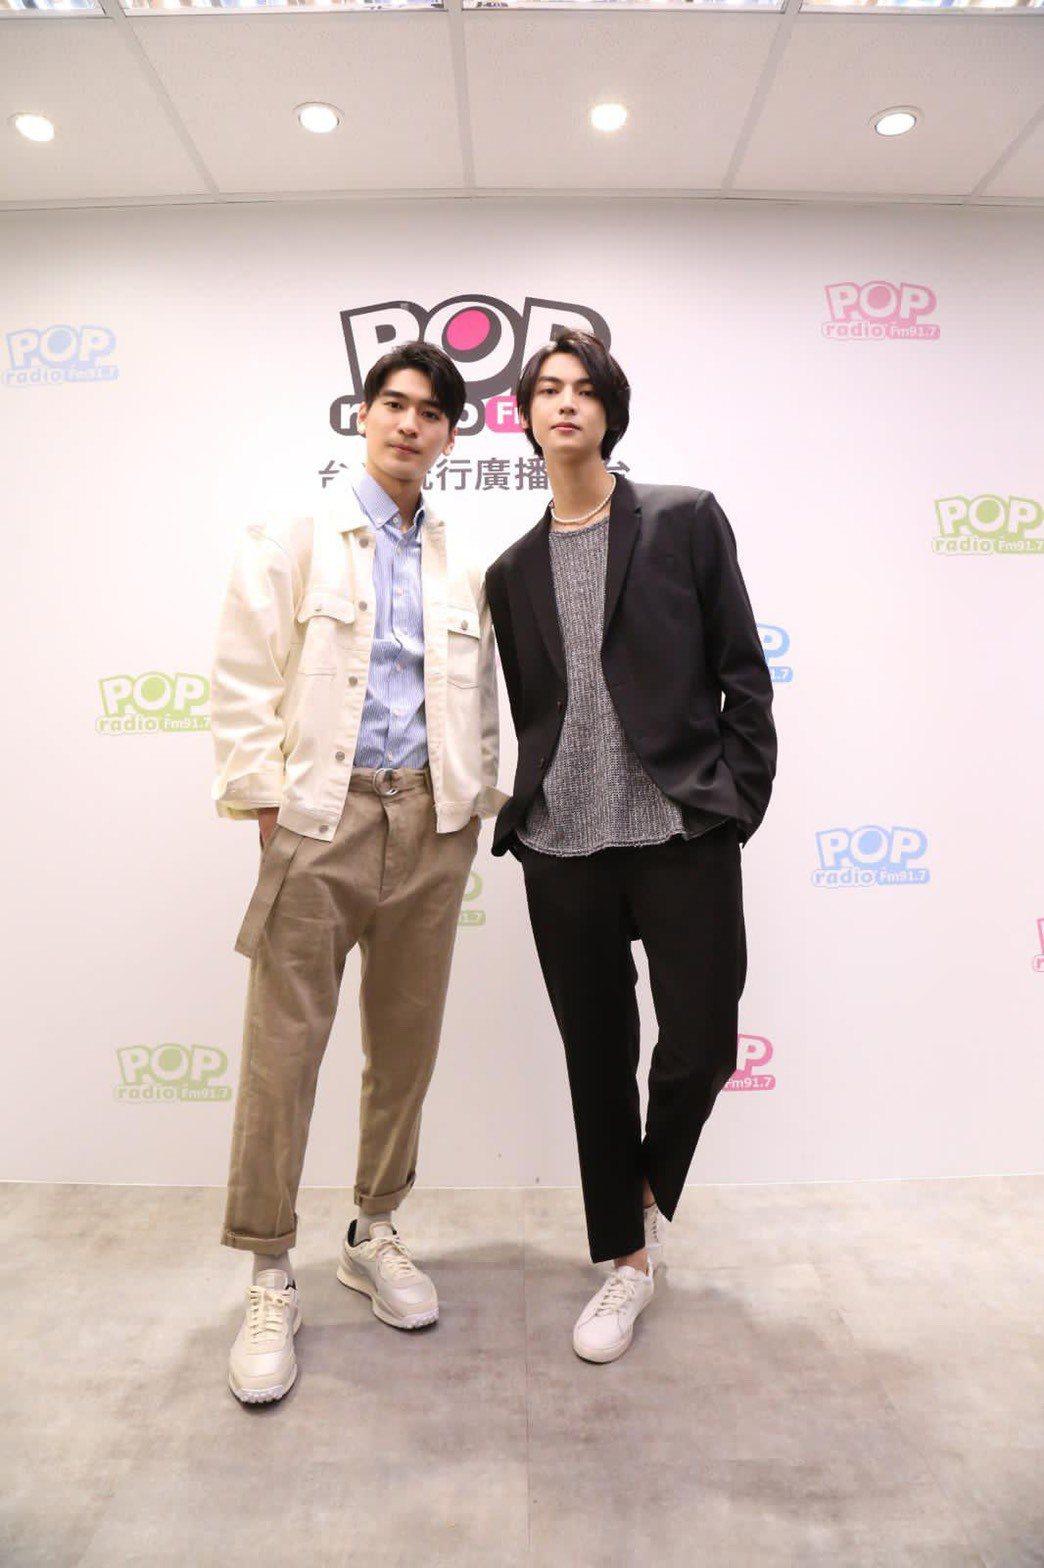 涂善存(左)、陳立安演出BL劇「近距離愛上你」受歡迎。圖/POP Radio提供